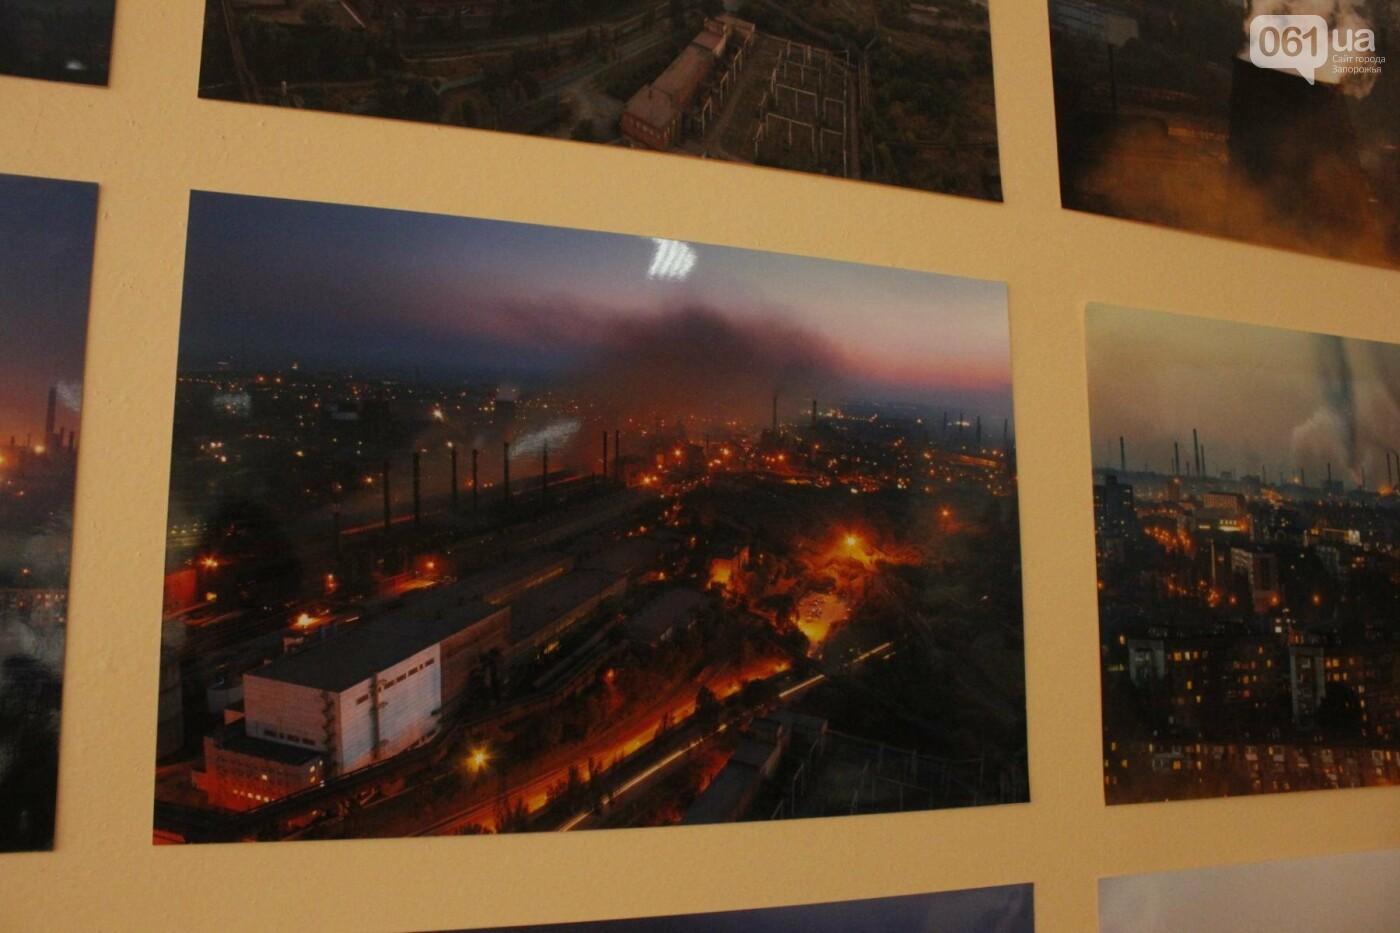 """Организаторы фотовыставки """"Экоцид по-запорожски"""" планируют провести её за границей, - ФОТОРЕПОРТАЖ, фото-3"""